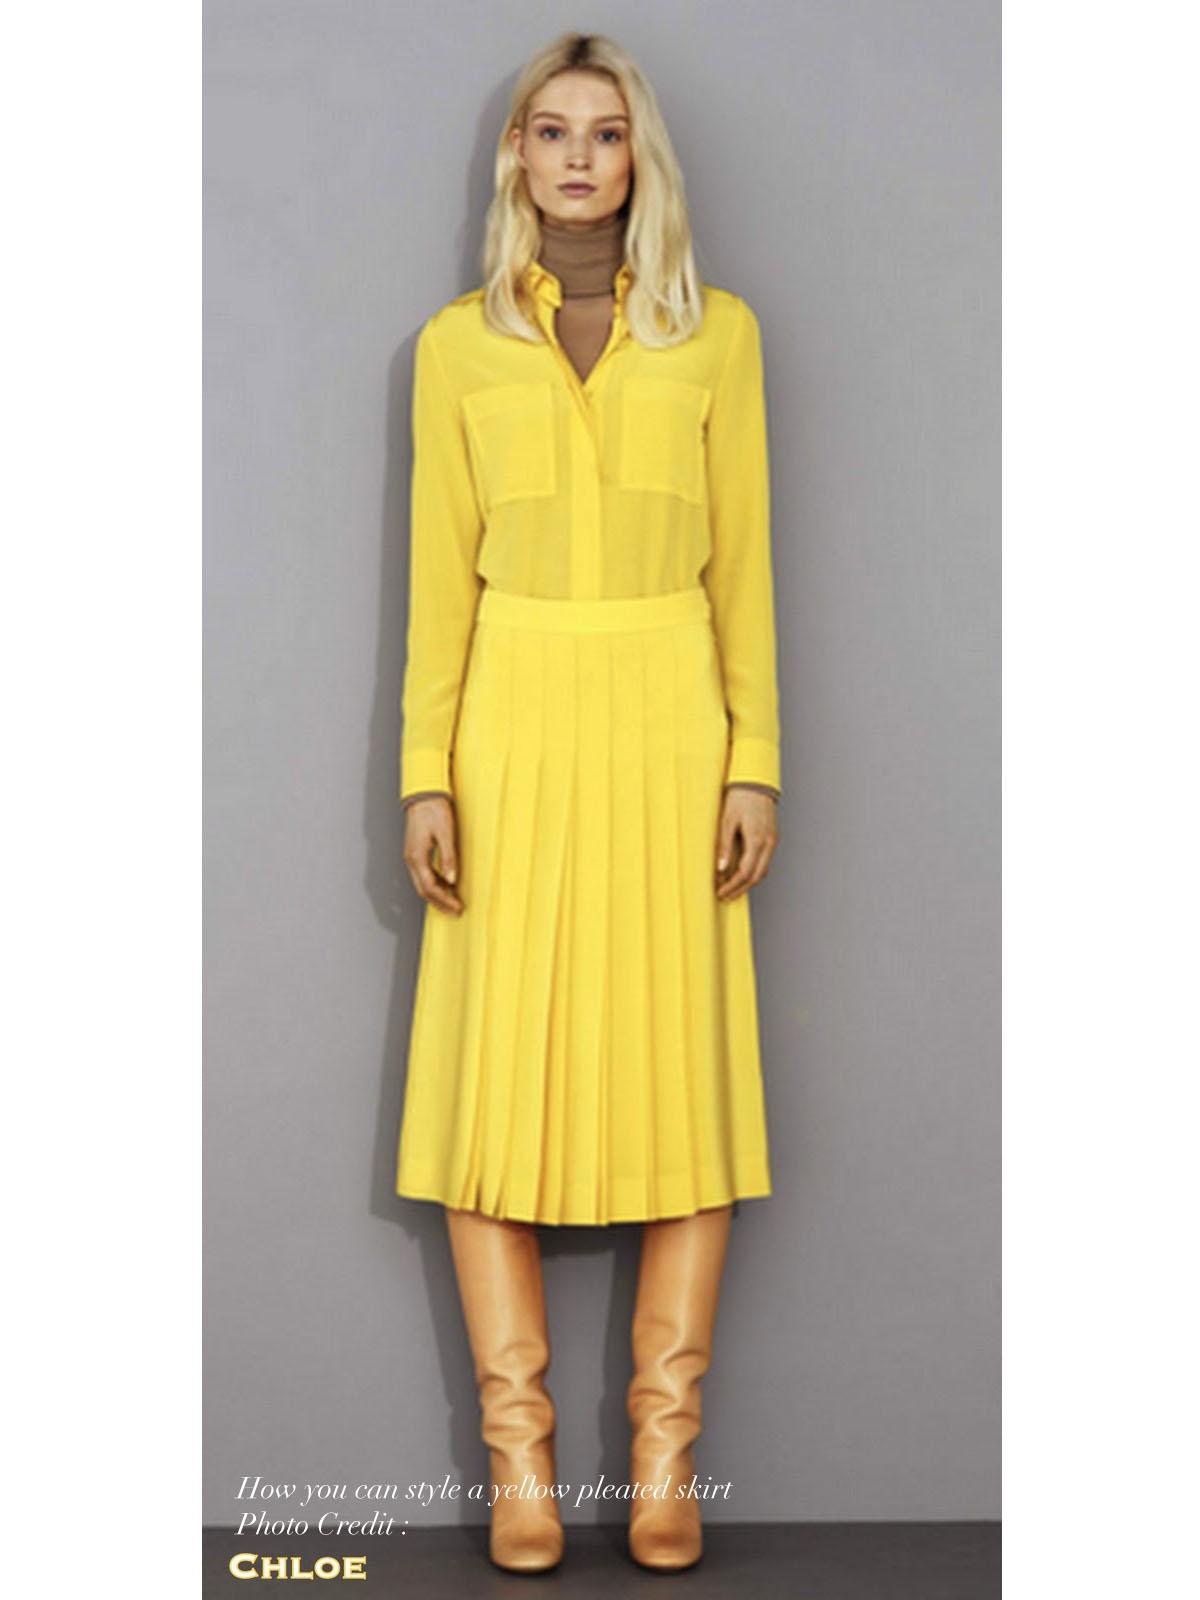 louise paris prada jupe pliss e en soie jaune px boutique 800 taille 38. Black Bedroom Furniture Sets. Home Design Ideas